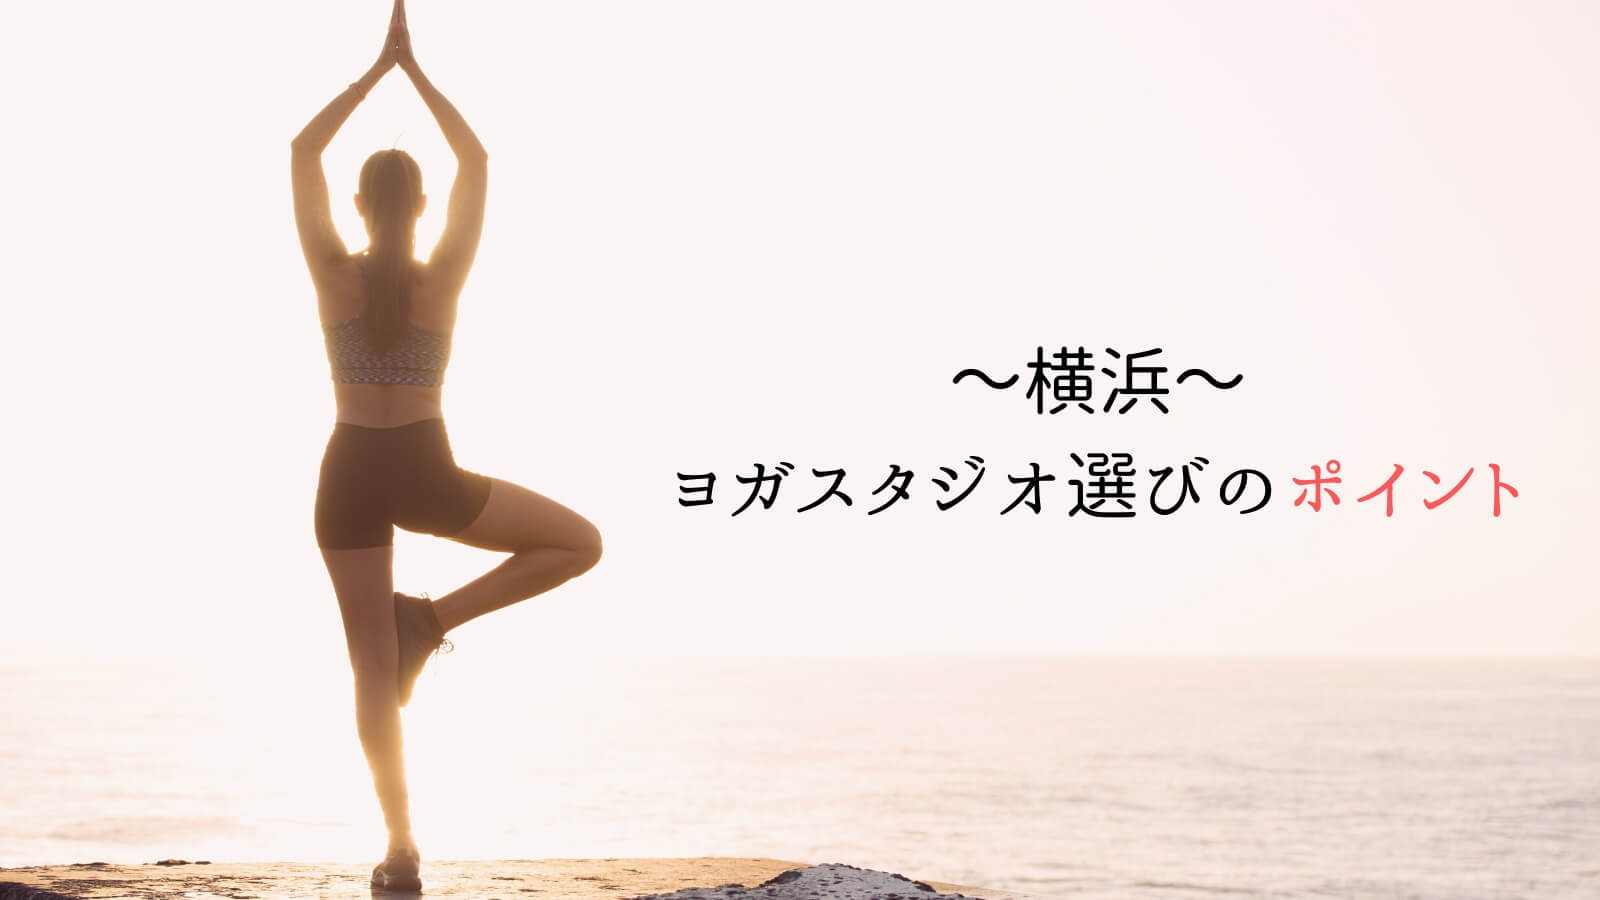 横浜のヨガスタジオ選びのポイント